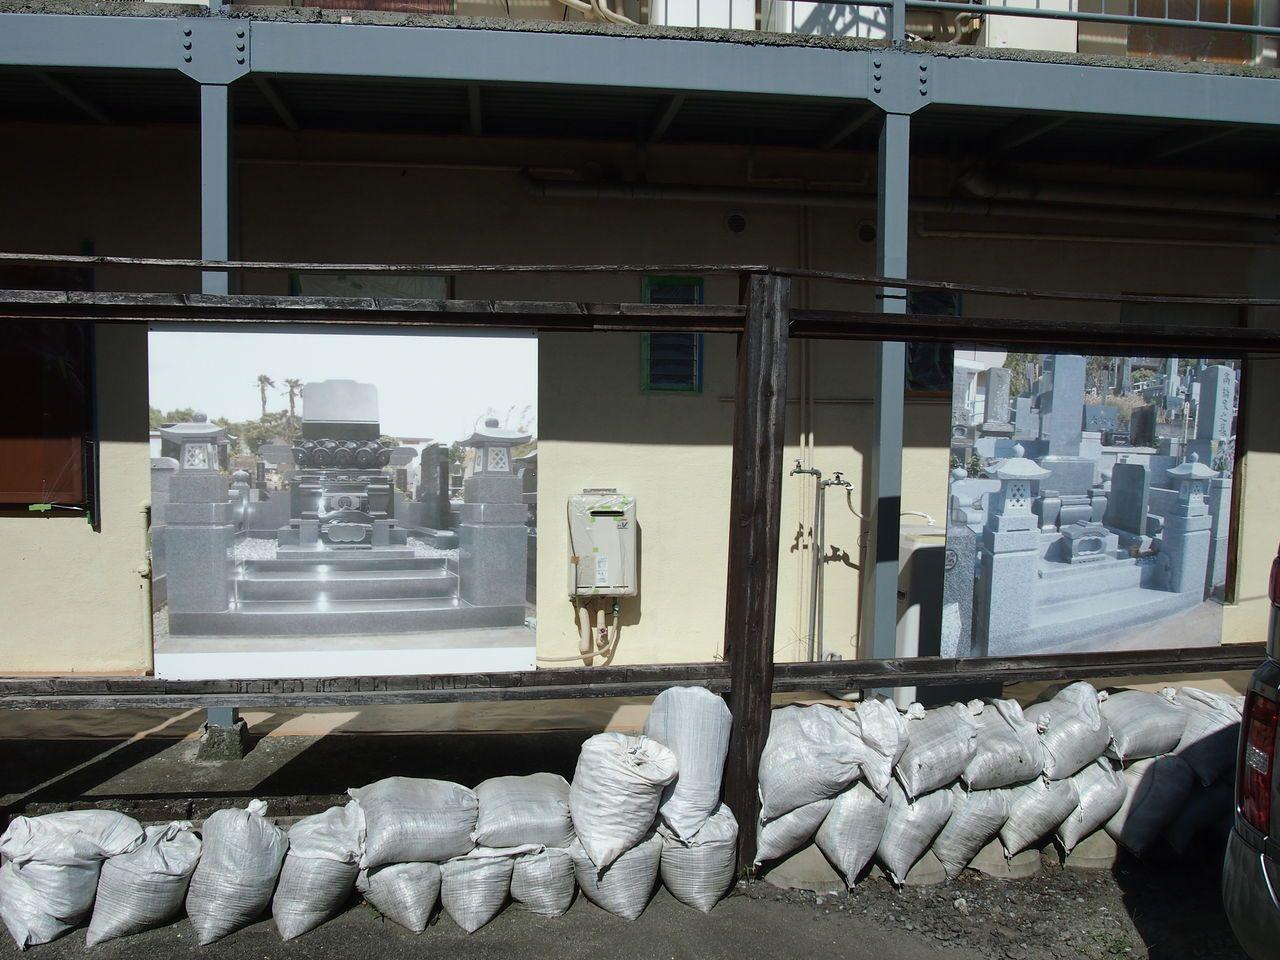 駐車スペースには墓石のパネル展示がされている